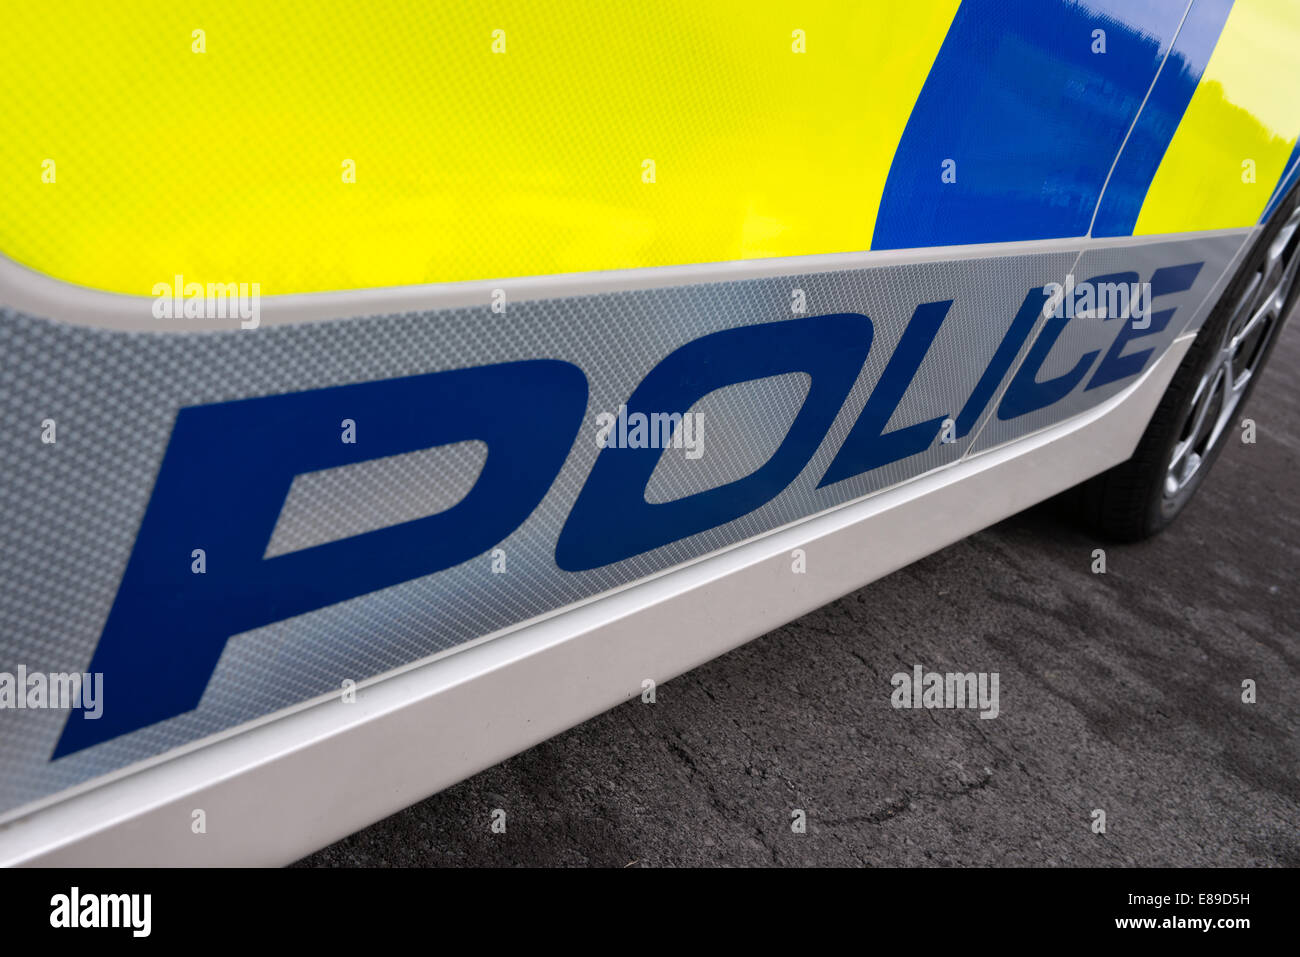 Le mot sur un panneau réfléchissant sur le côté d'une voiture de Police Britannique blanc Photo Stock